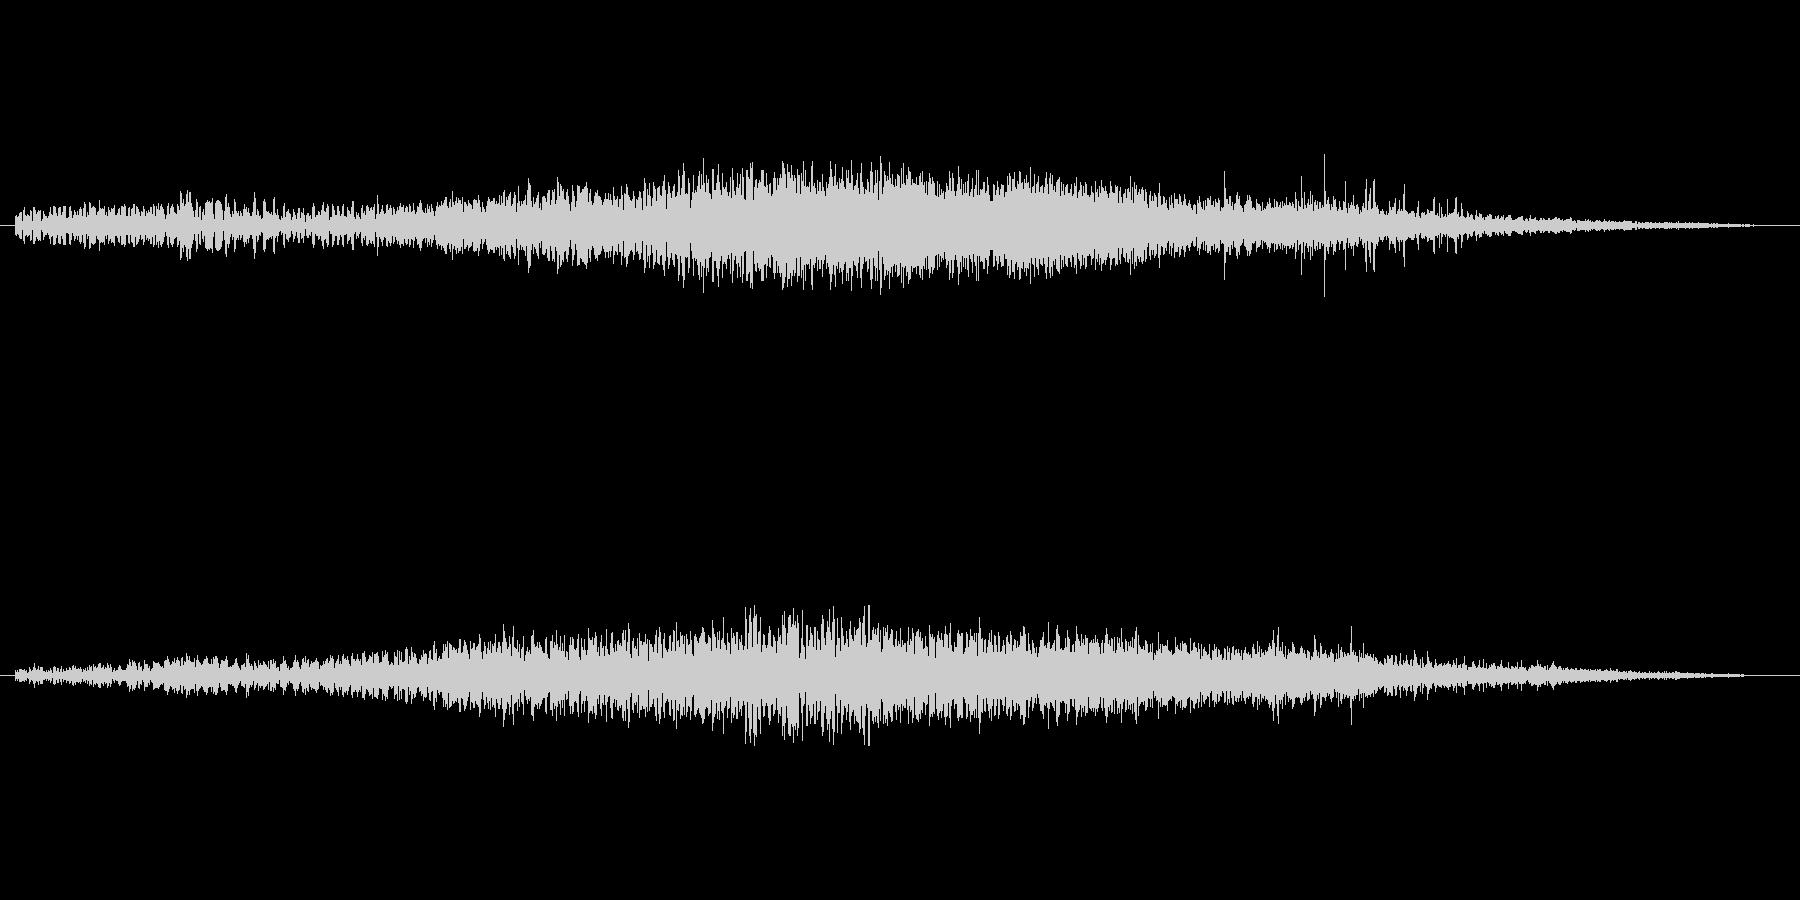 水中にいるようなミステリアスな音楽の未再生の波形